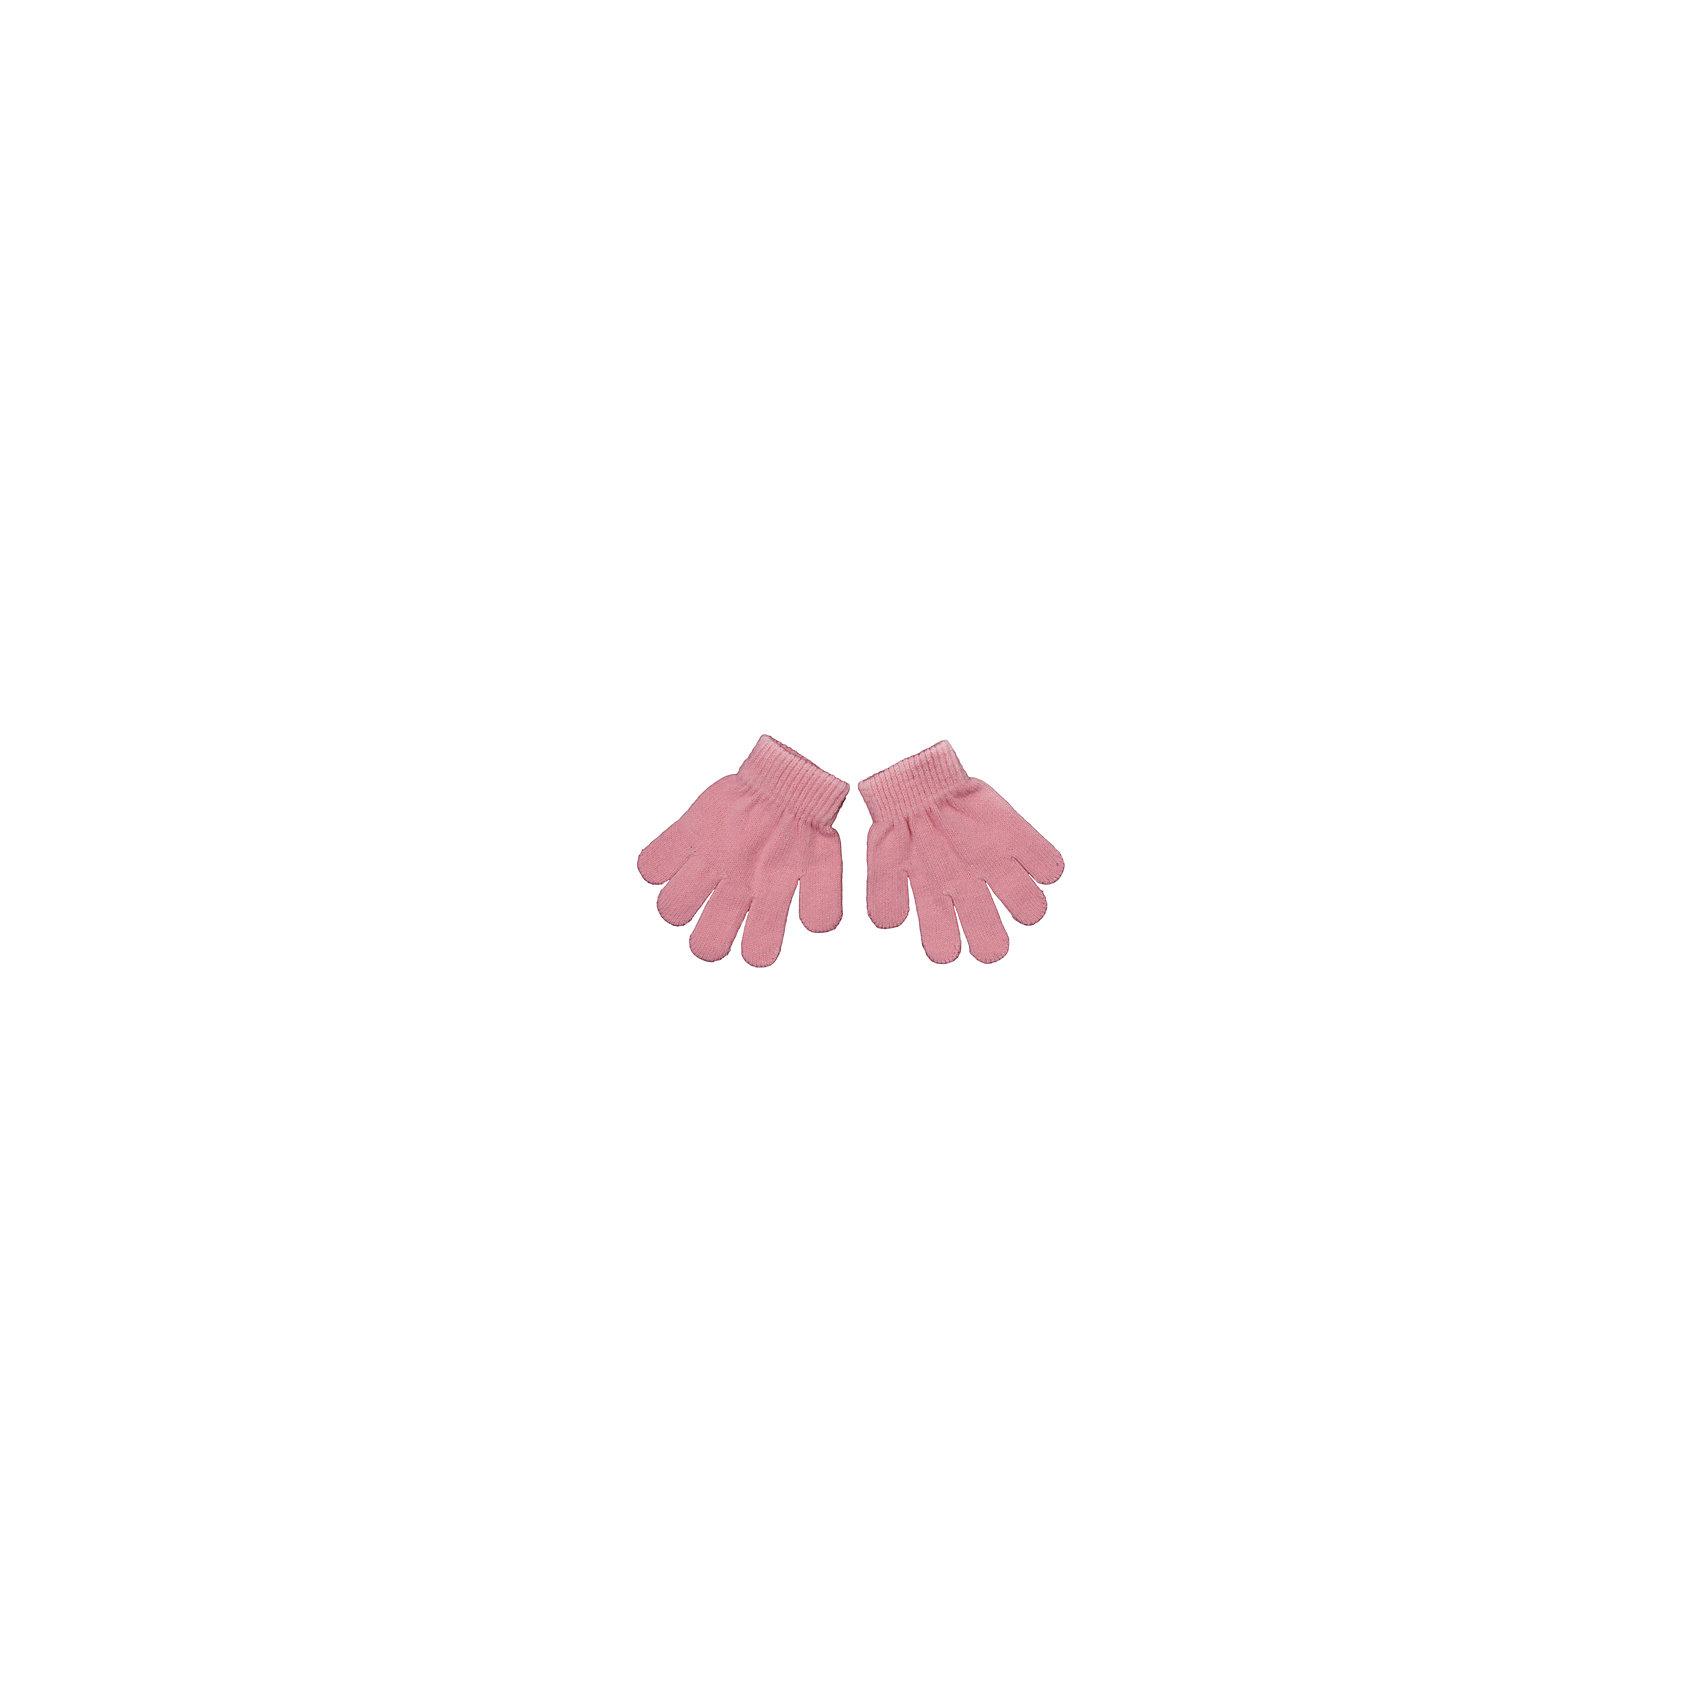 Перчатки для девочки PlayTodayПерчатки для девочки от известного бренда PlayToday.<br>Комплект из двух уютных хлопковых перчаток из вязаного трикотажа. Верх на мягкой резинке. <br>Состав:<br>80% хлопок, 18% нейлон, 2% эластан<br><br>Ширина мм: 162<br>Глубина мм: 171<br>Высота мм: 55<br>Вес г: 119<br>Цвет: разноцветный<br>Возраст от месяцев: 18<br>Возраст до месяцев: 24<br>Пол: Женский<br>Возраст: Детский<br>Размер: 12,11<br>SKU: 4900676